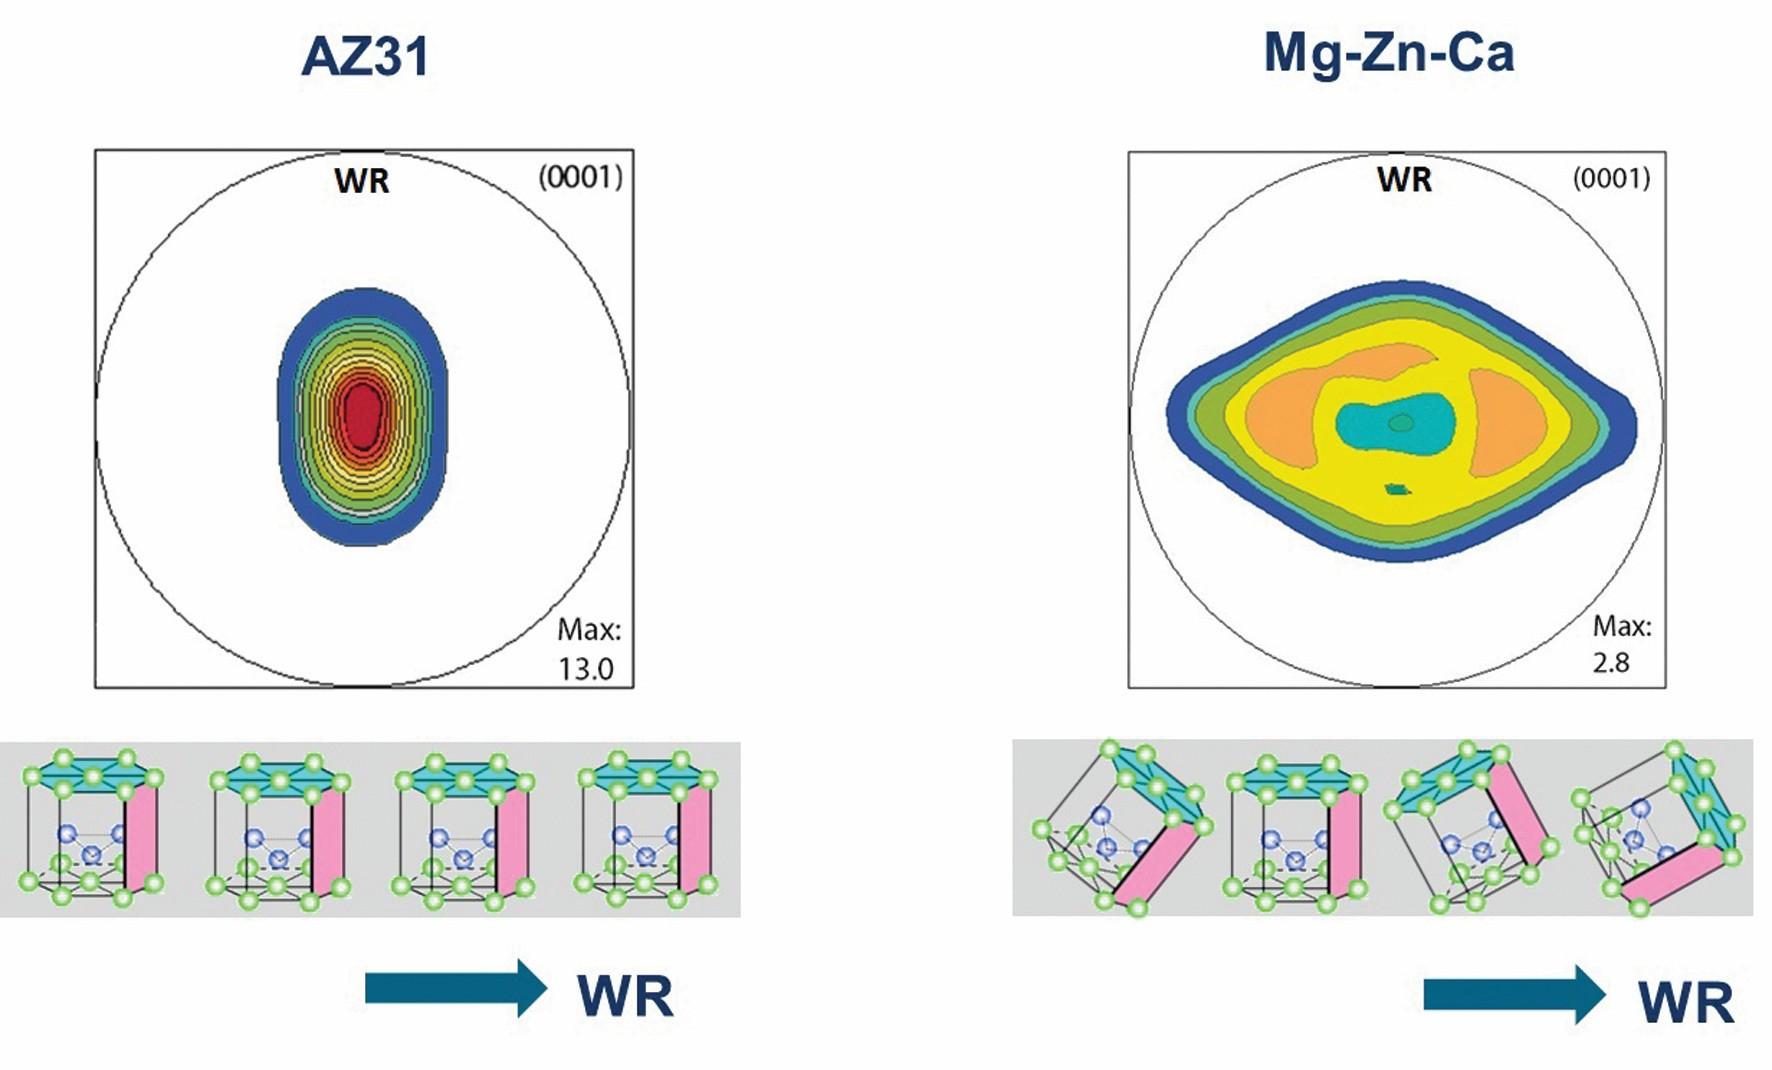 Bild 2: Texturvergleich der konventionellen Legierung AZ31 (links) mit der neuen Mg-Zn-Ca-Legierung (rechts). Die Texturabschwächung führt bei der Mg-Zn-Ca-Legierung zu einem Drehen der basalen Ebenen (türkis) aus der Blechebene (WR: Walzrichtung). Dies steigert das Umformvermögen. Bild: Volkswagen AG